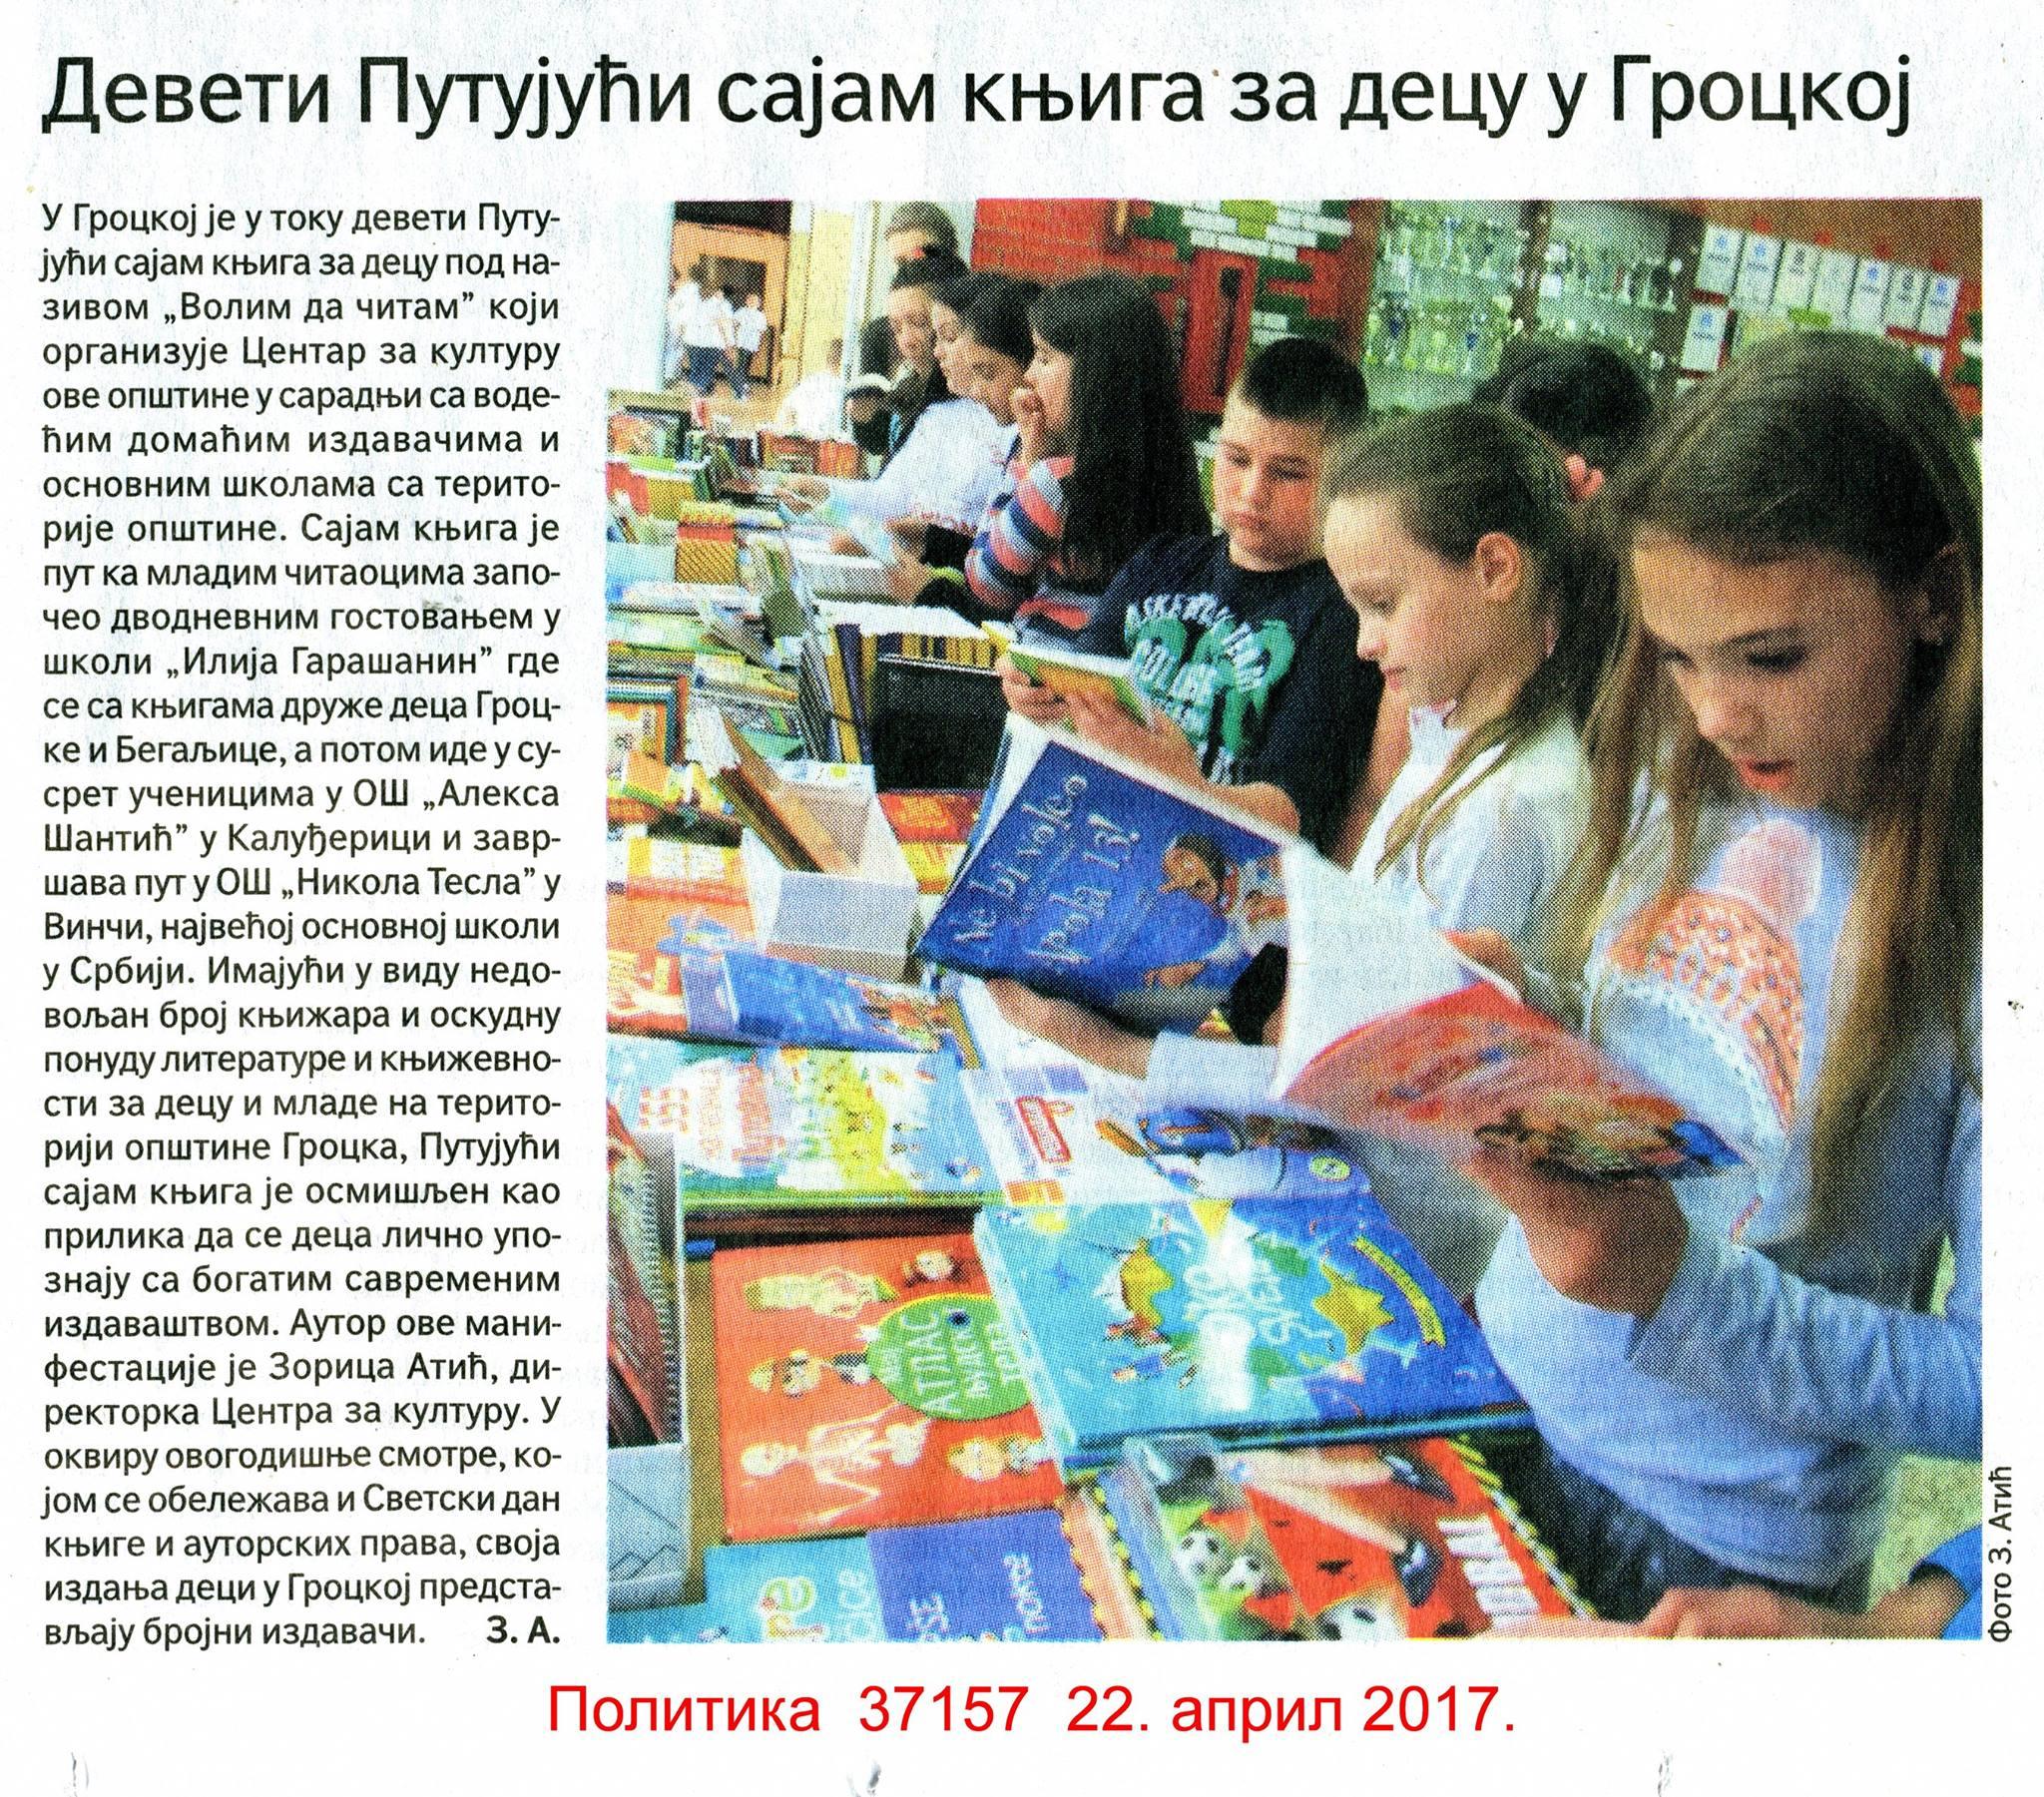 Дневни лист ПОЛИТИКА доноси вест о Путујућем сајму књига за децу